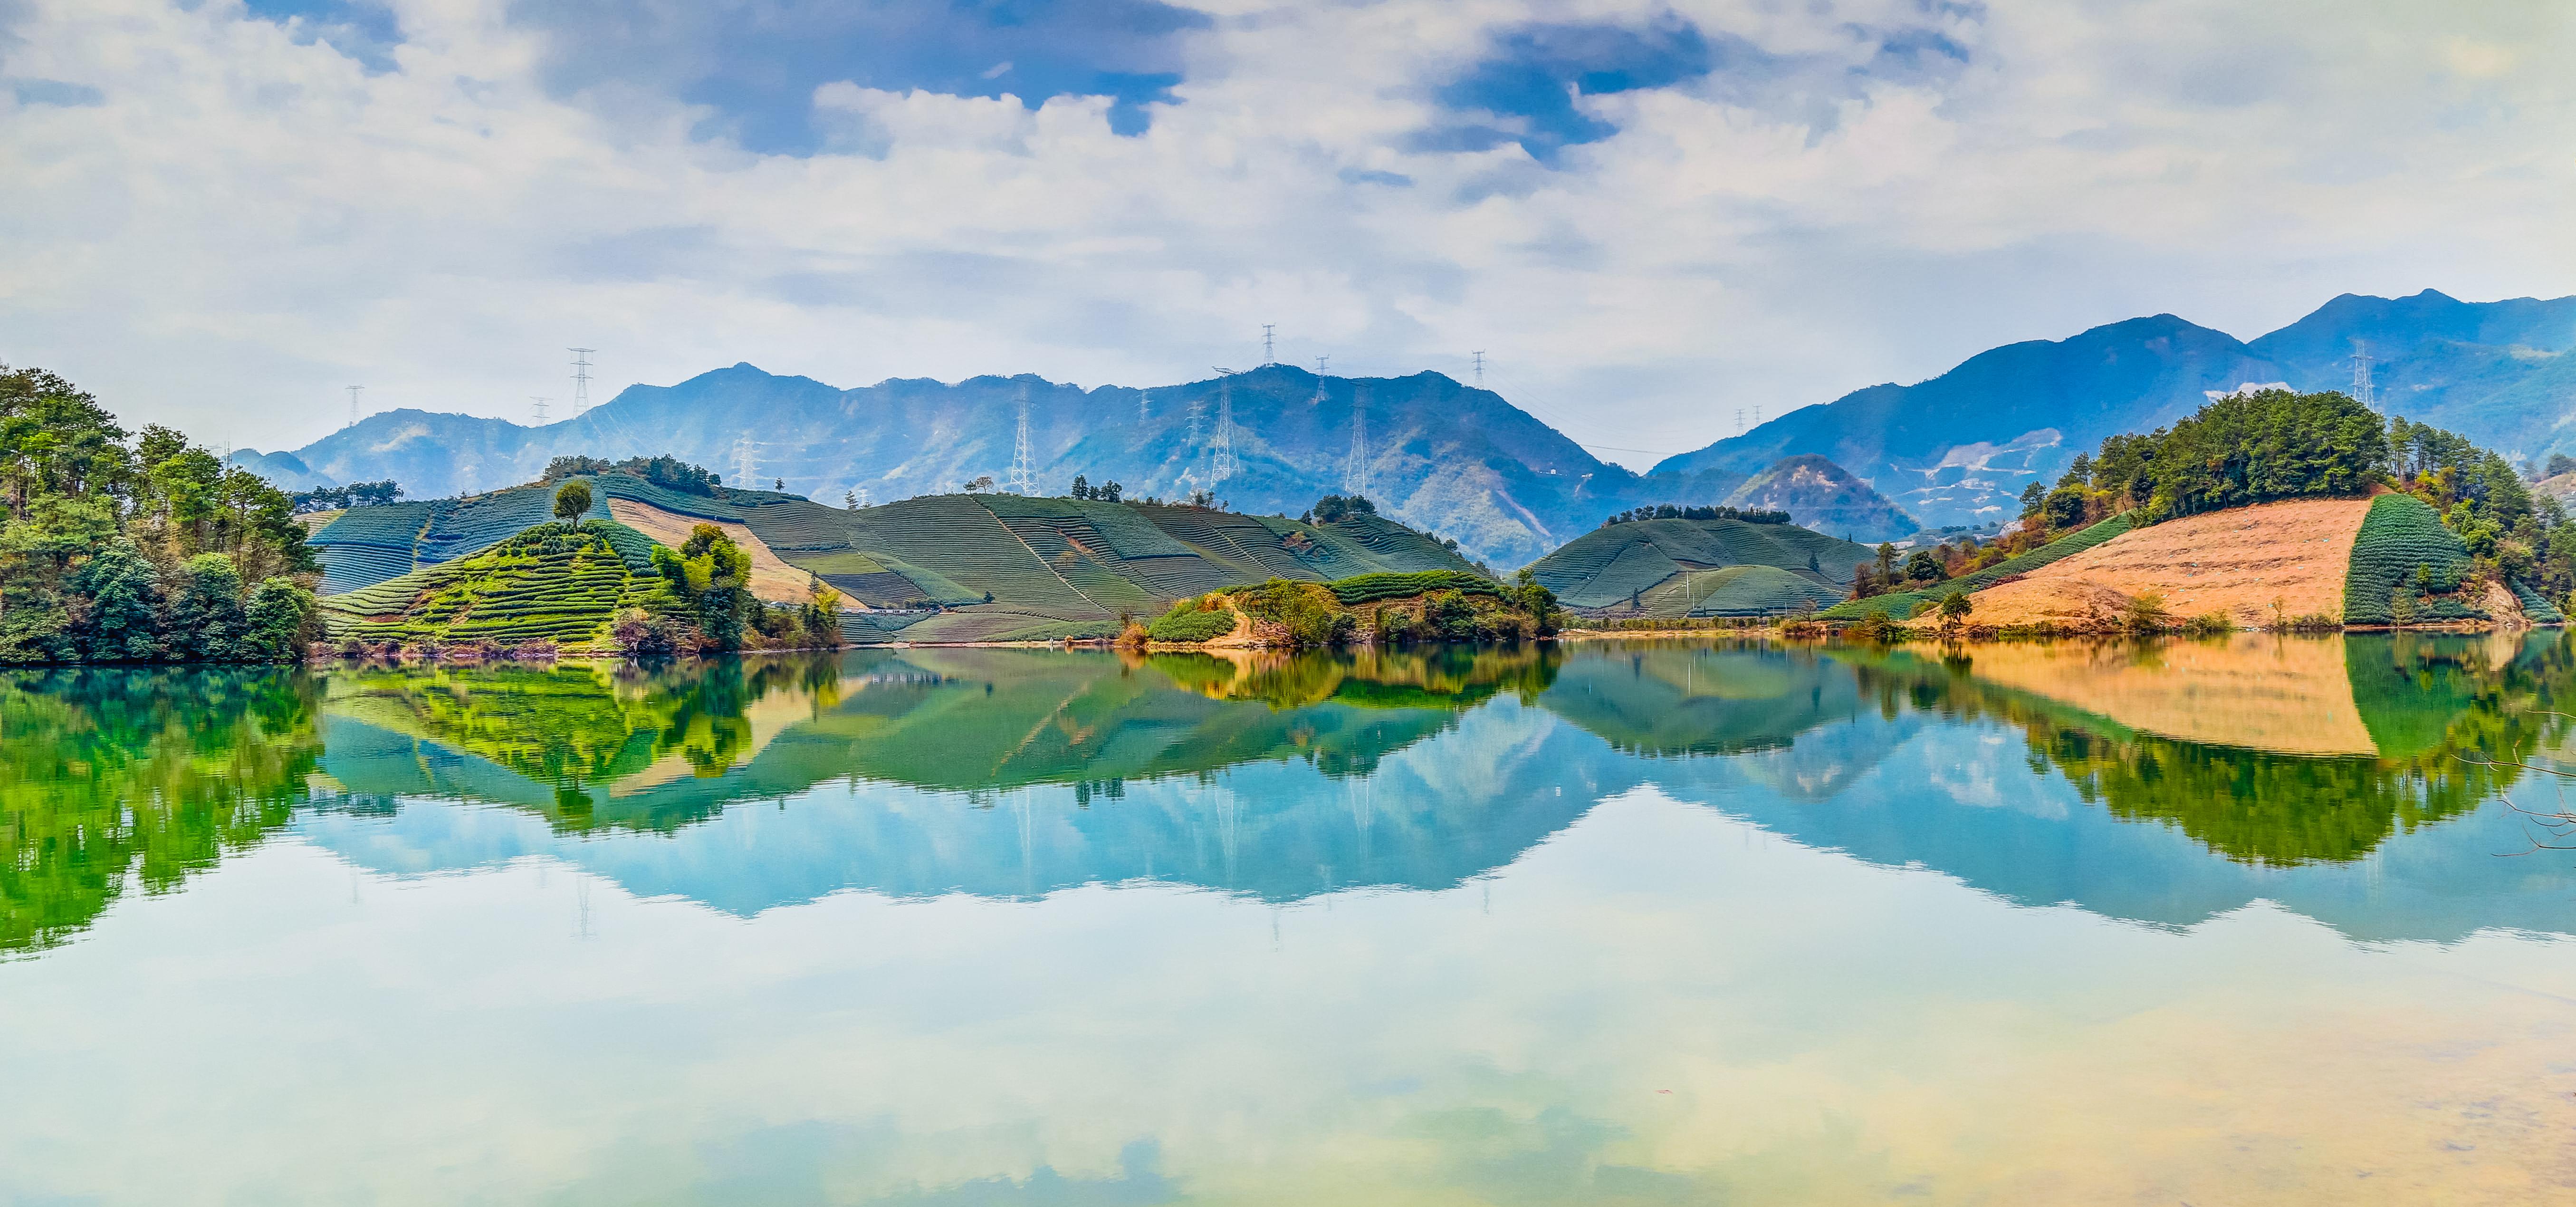 Shi'e Lake